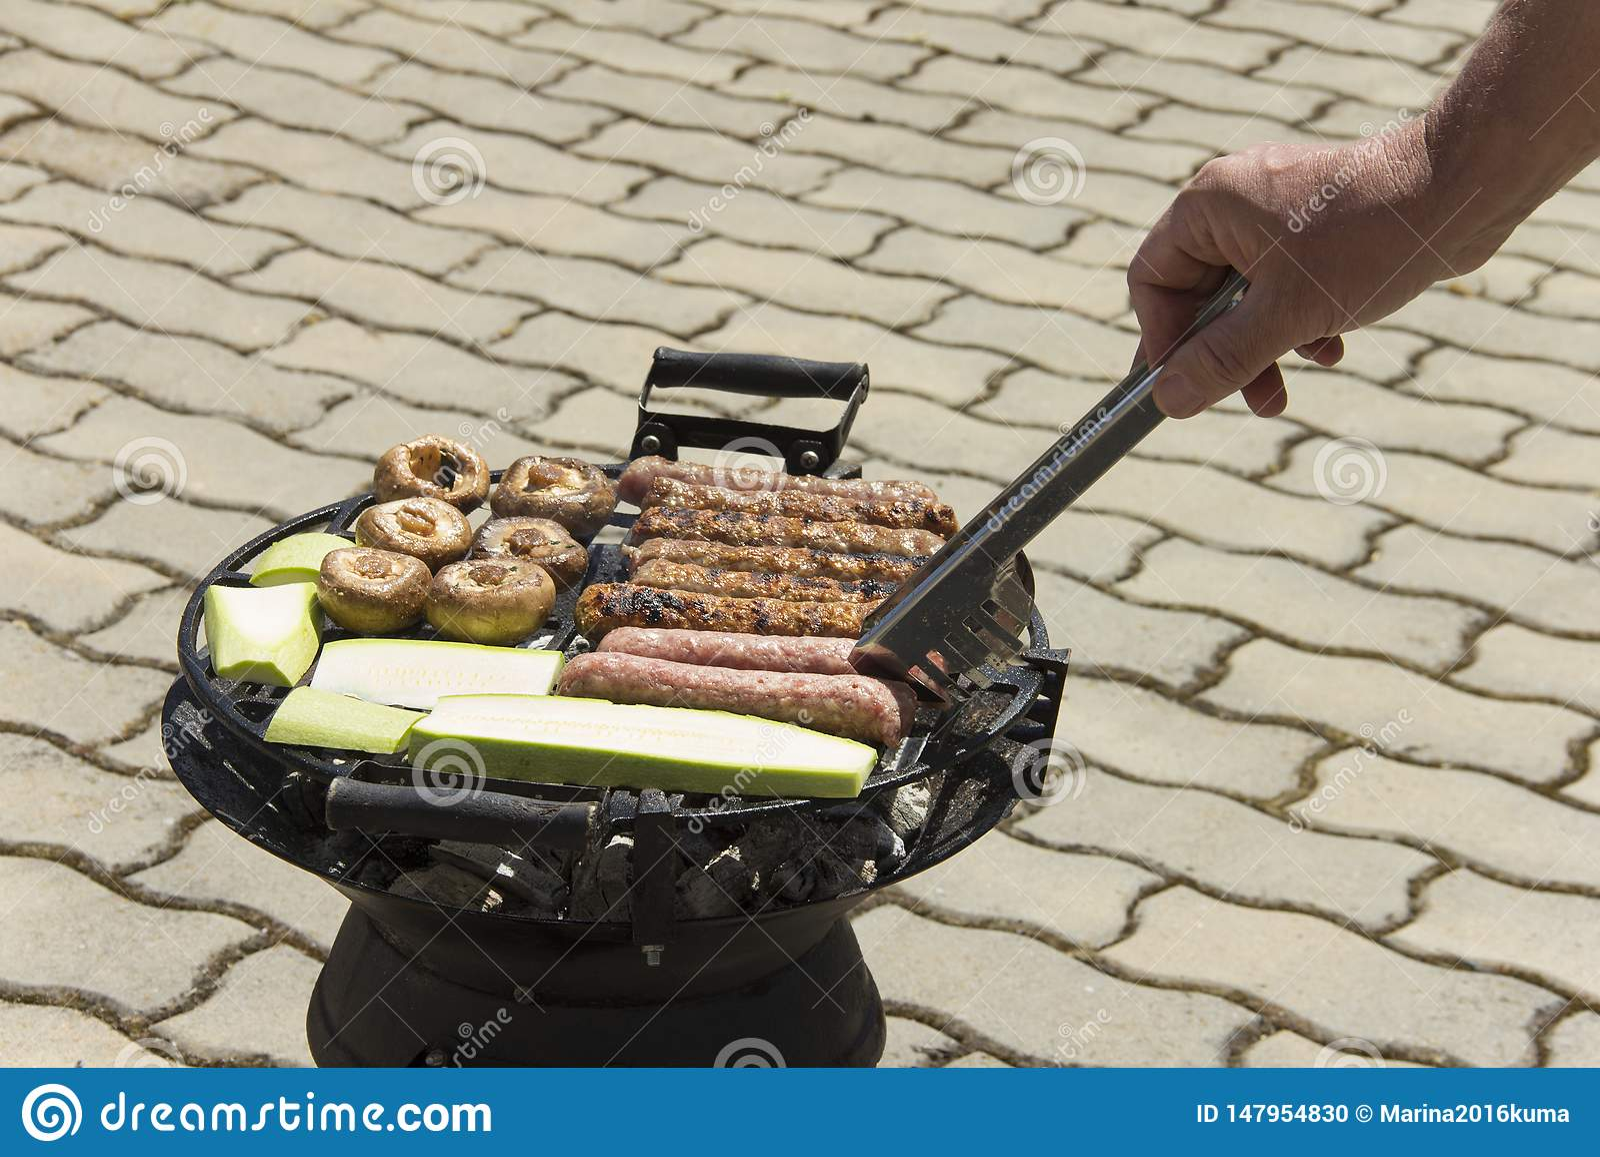 Comida cocinada en la parrilla